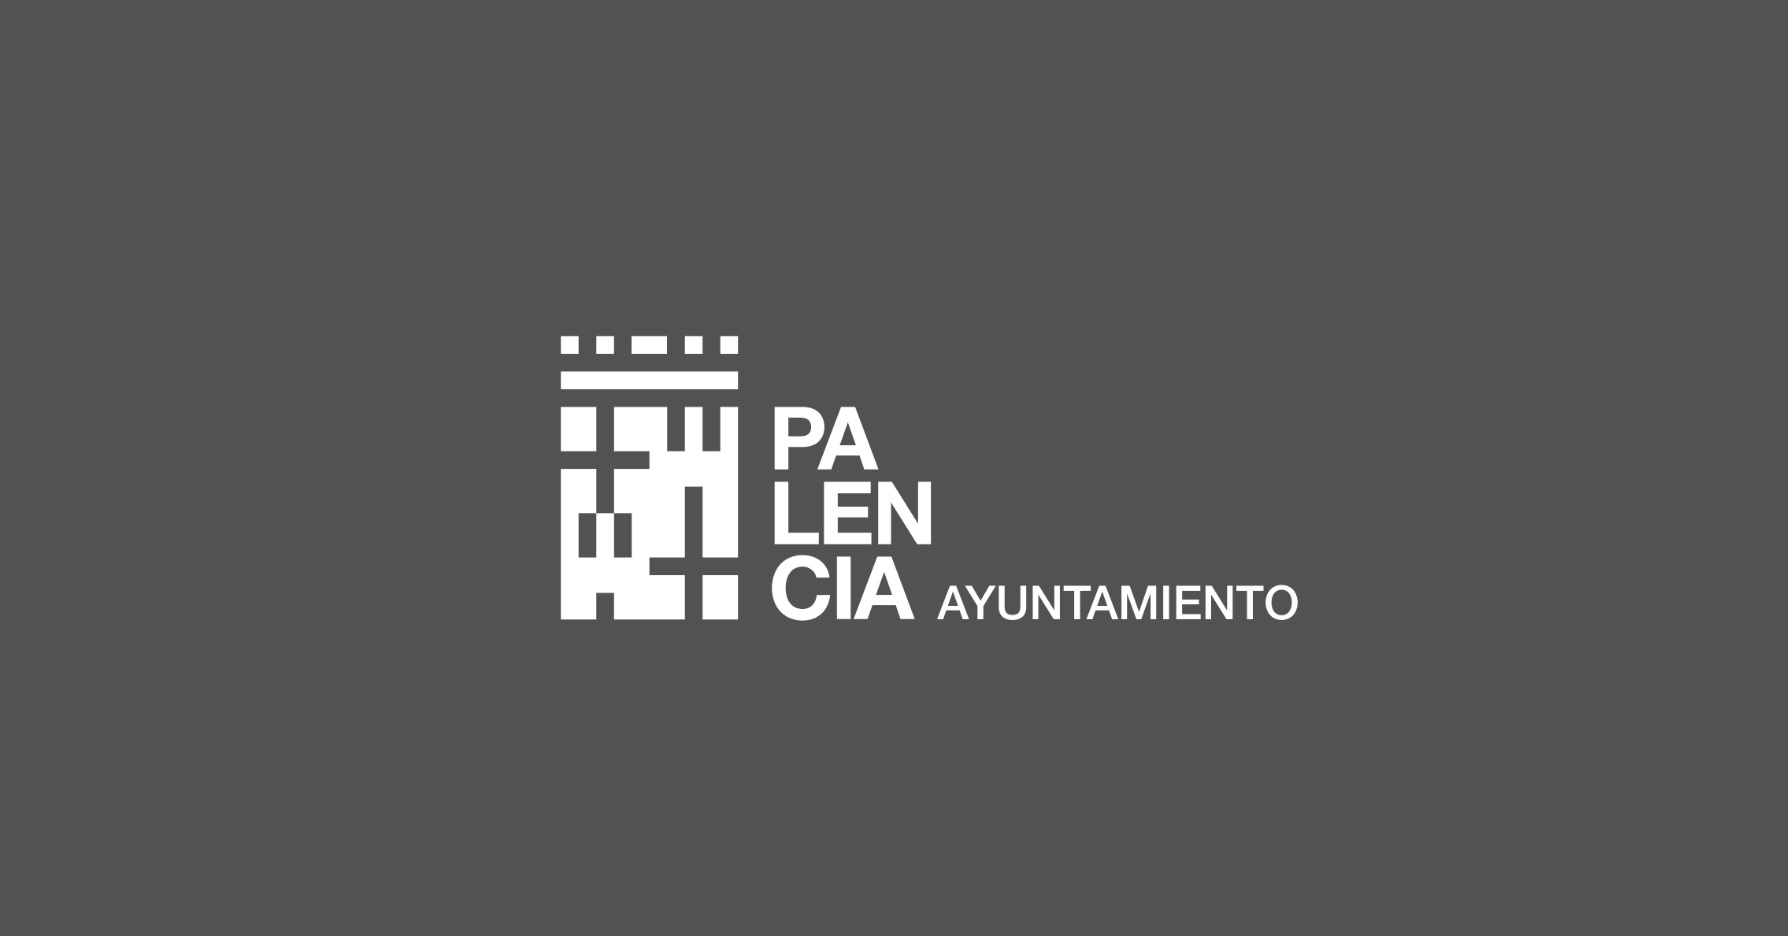 El Ayuntamiento de Palencia presenta su nueva imagen corporativa